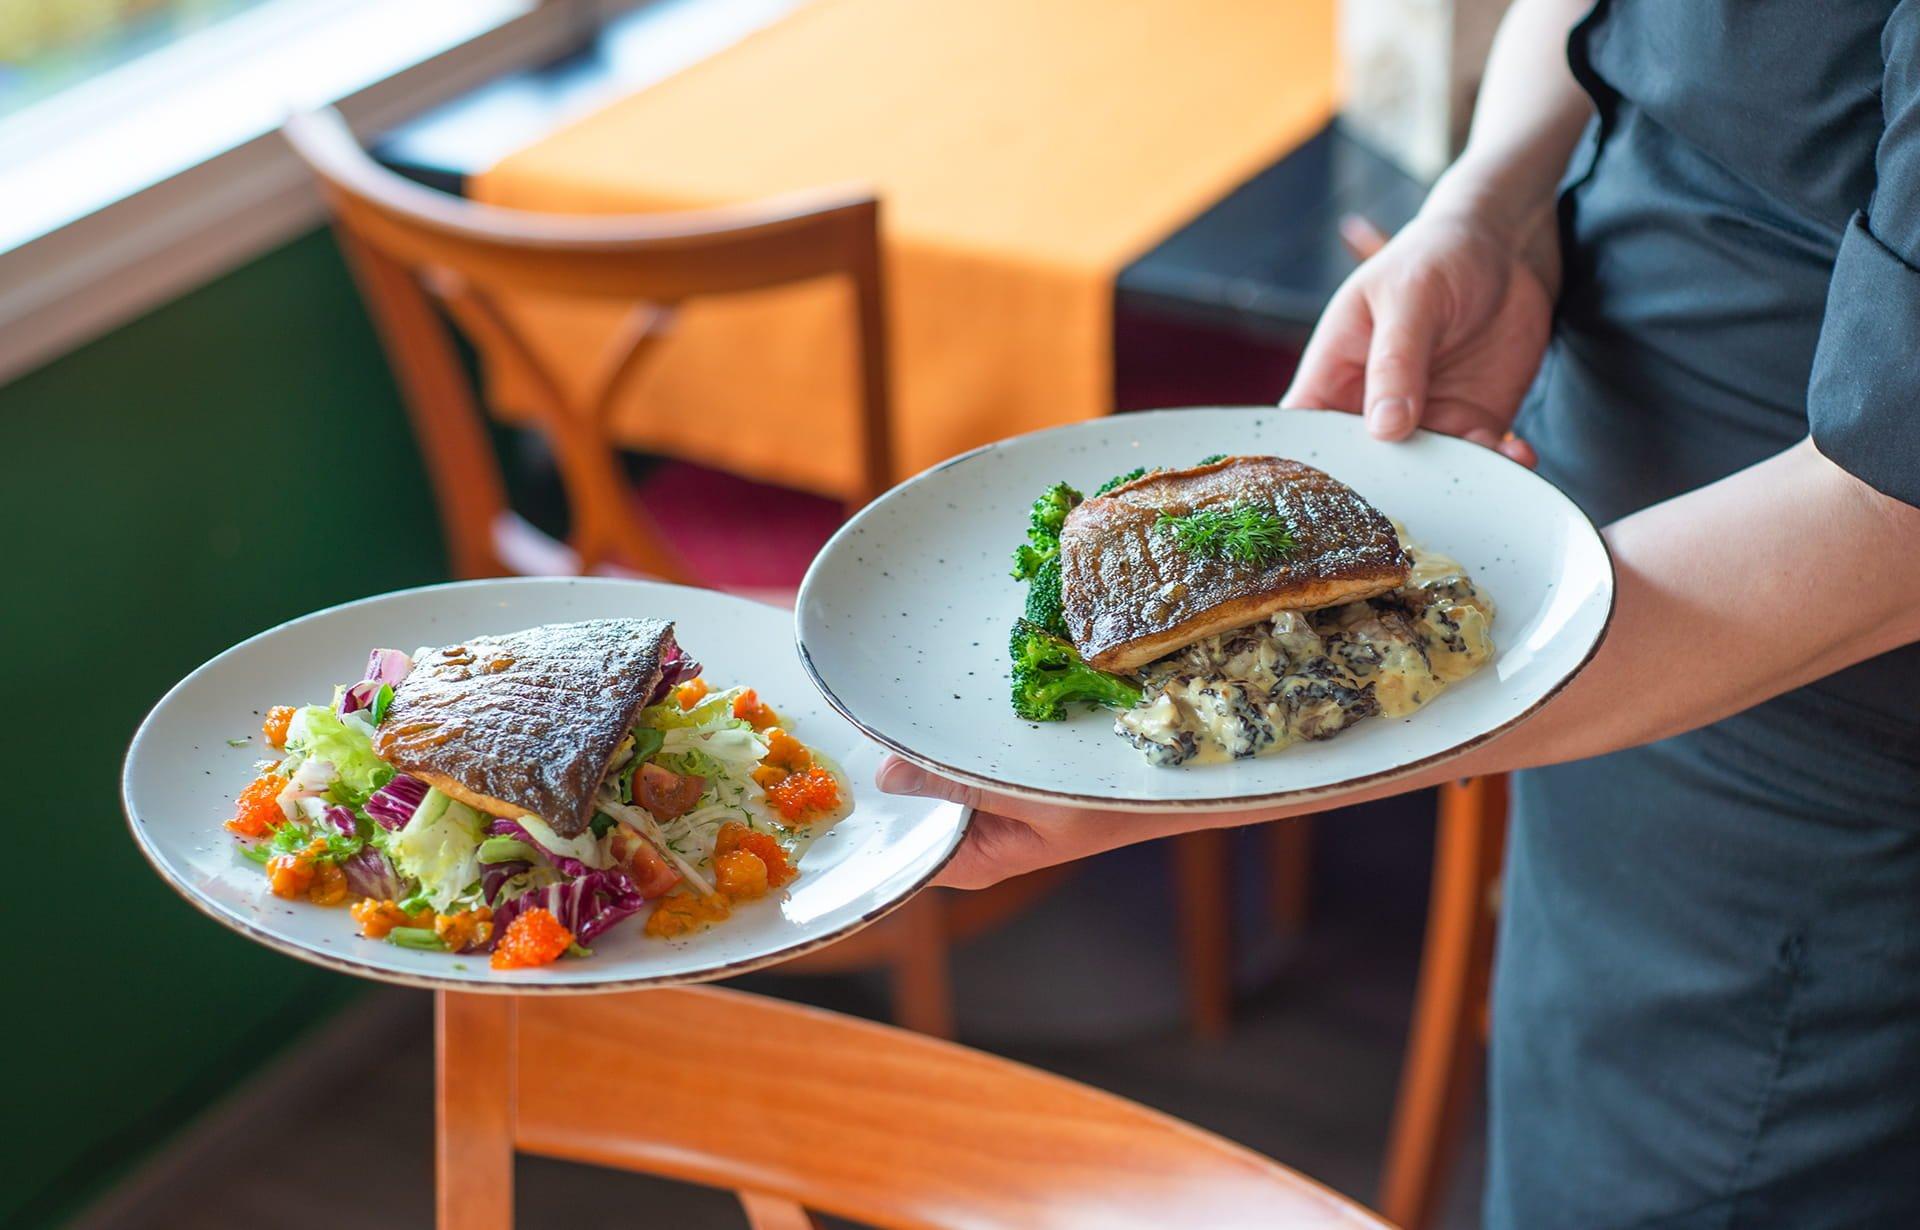 Tarjoilija kantaa kahta kala-annosta pöytään.